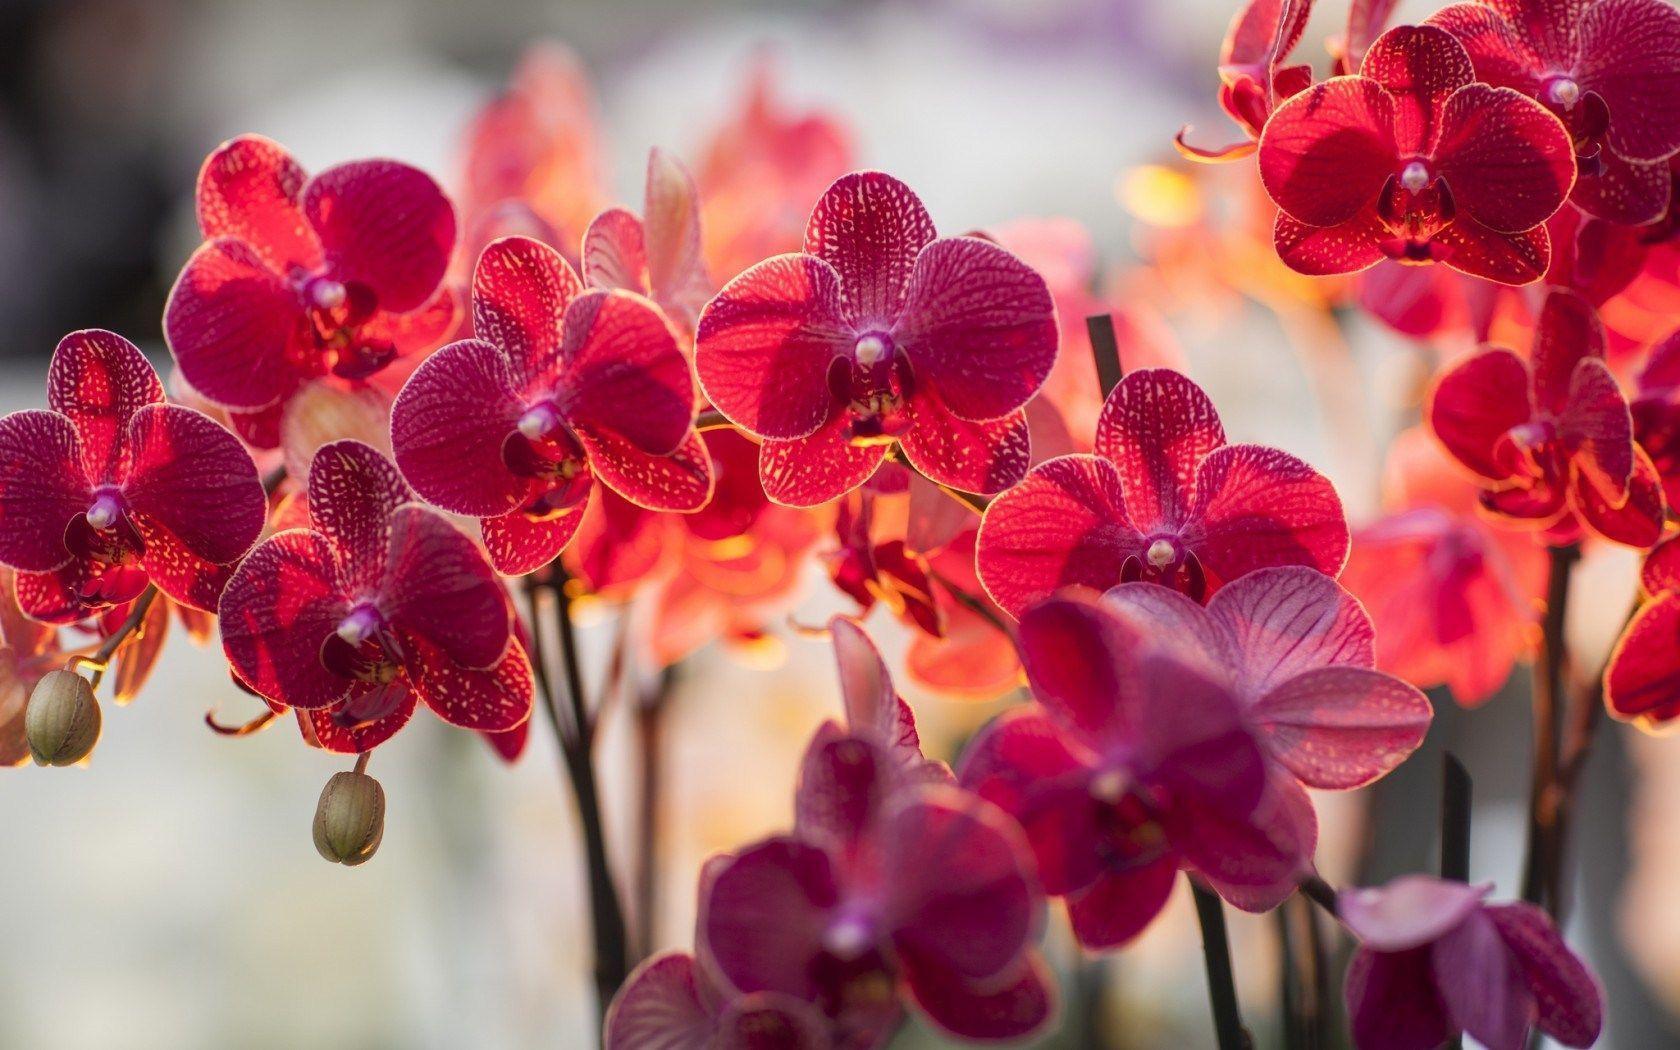 tải ảnh hoa lan đẹp nhất